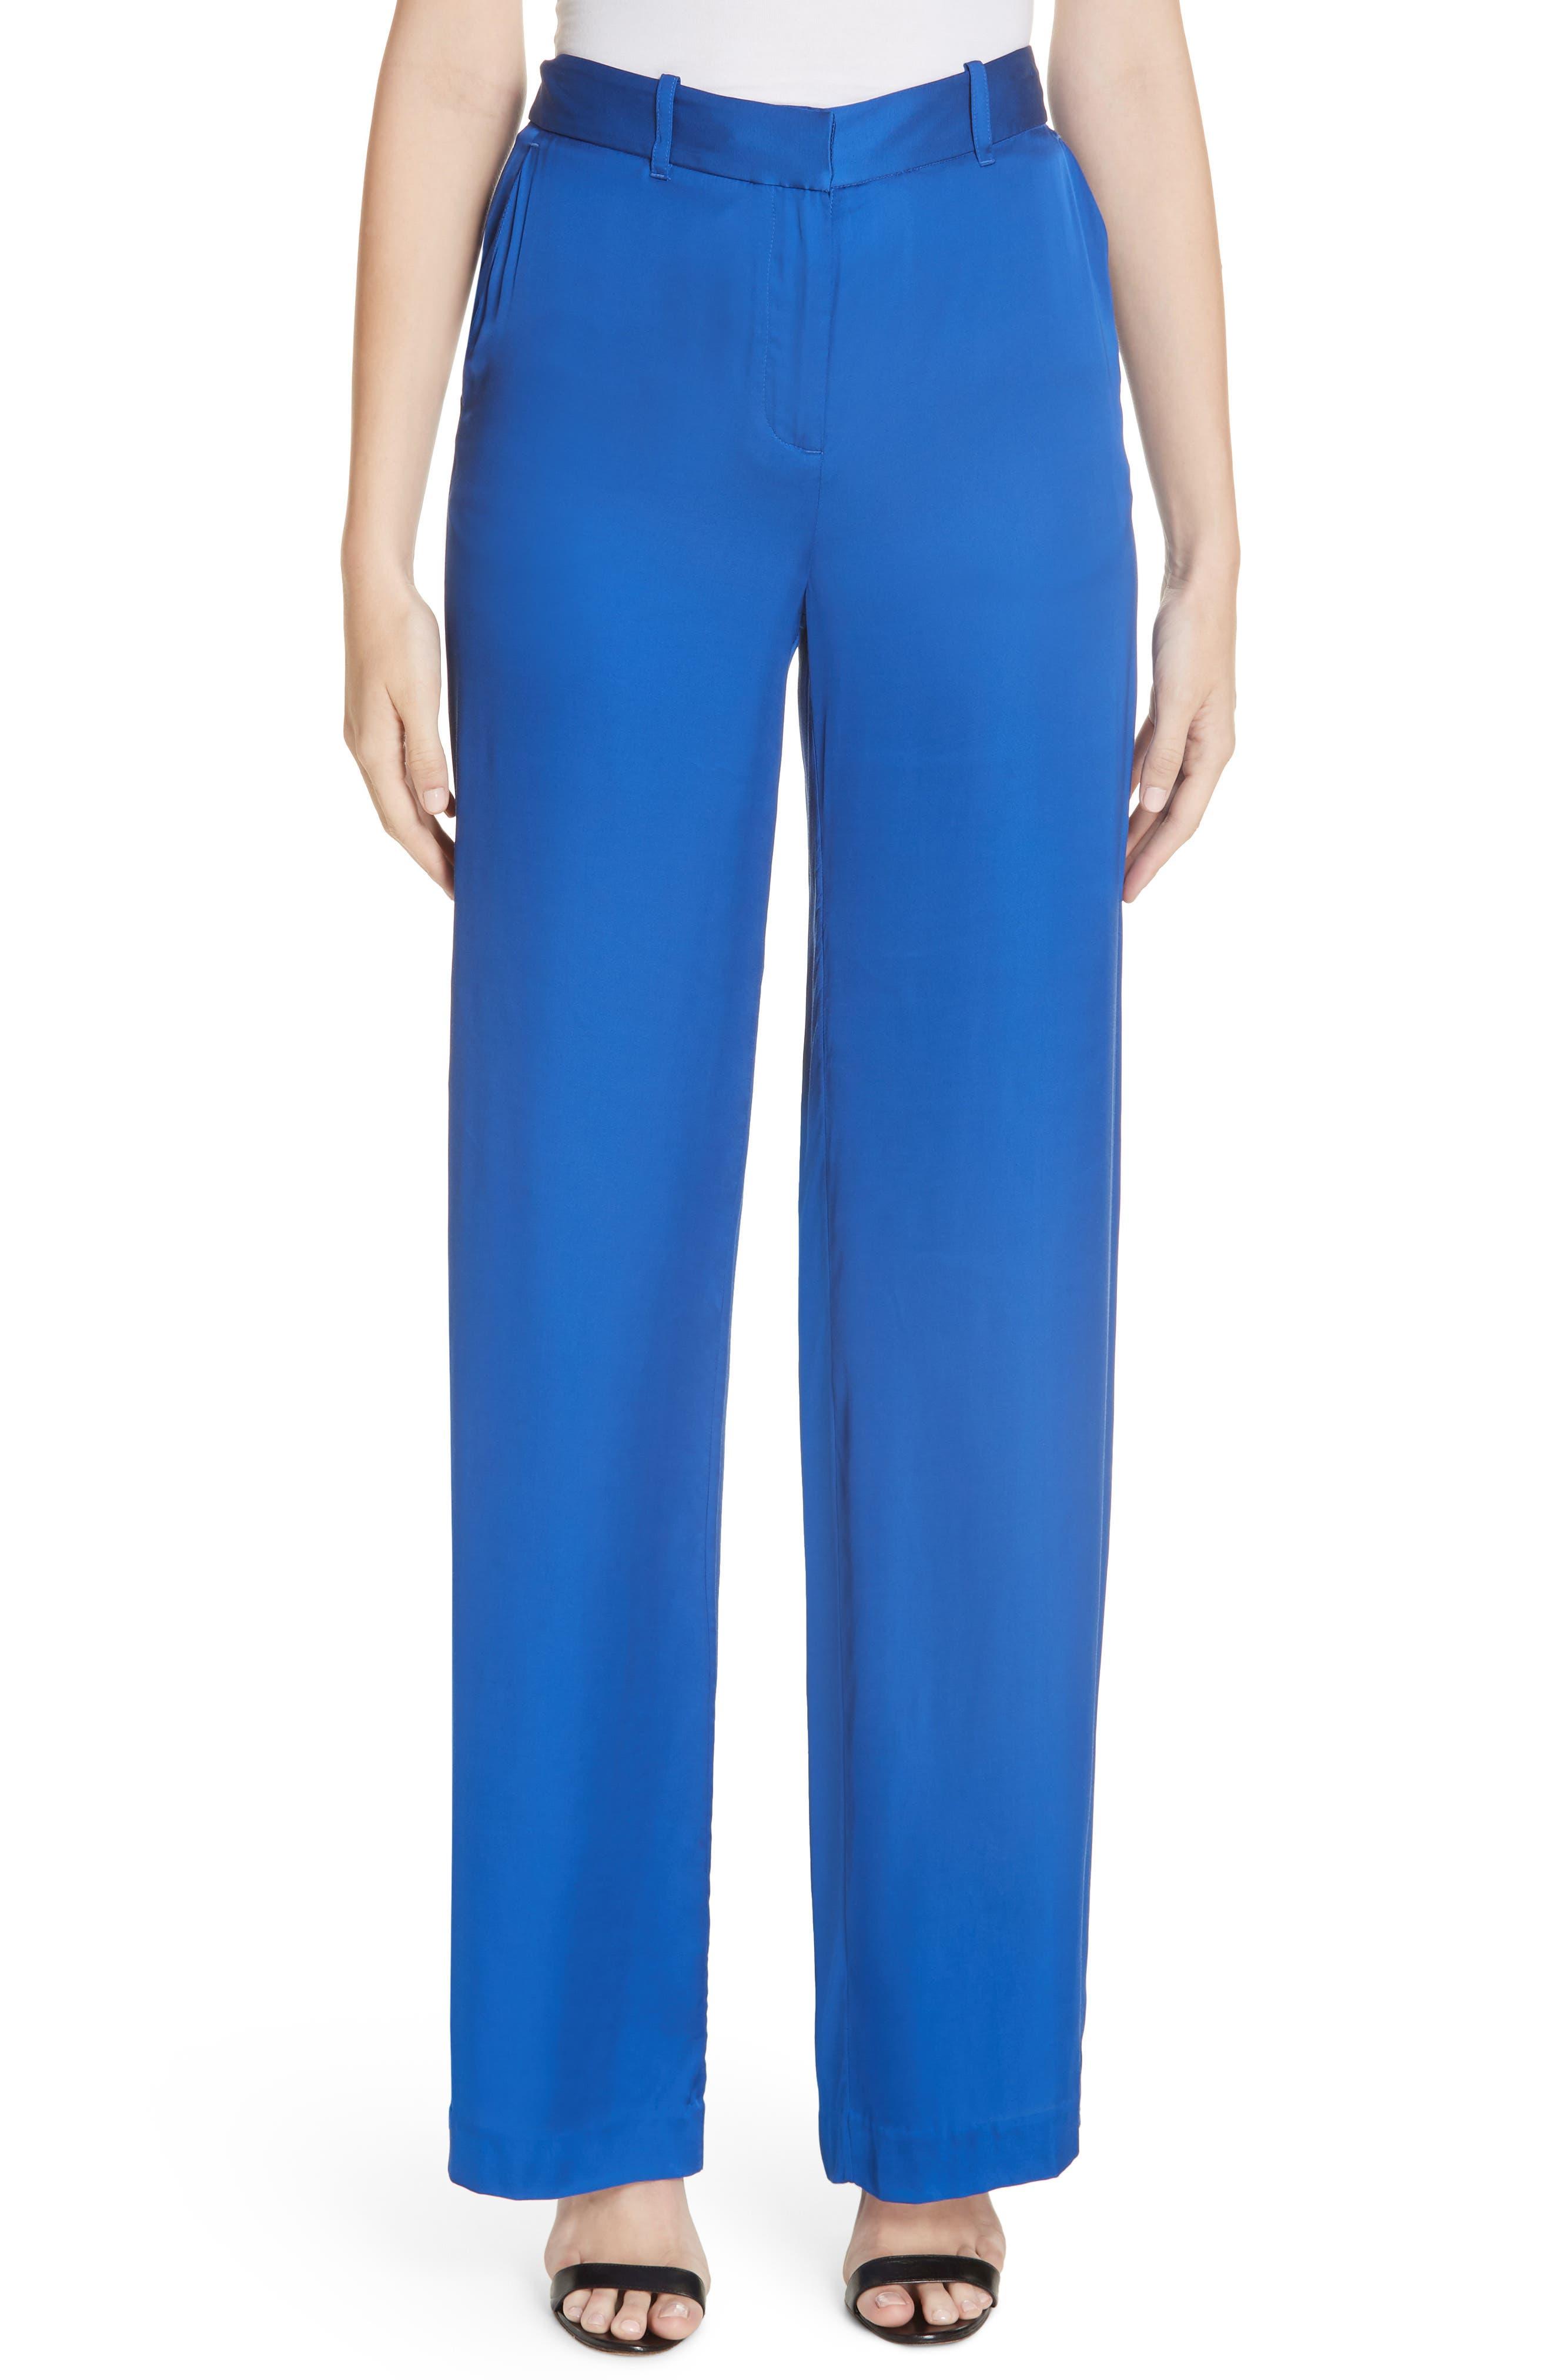 Arwen Trousers,                             Main thumbnail 1, color,                             HYPER BLUE